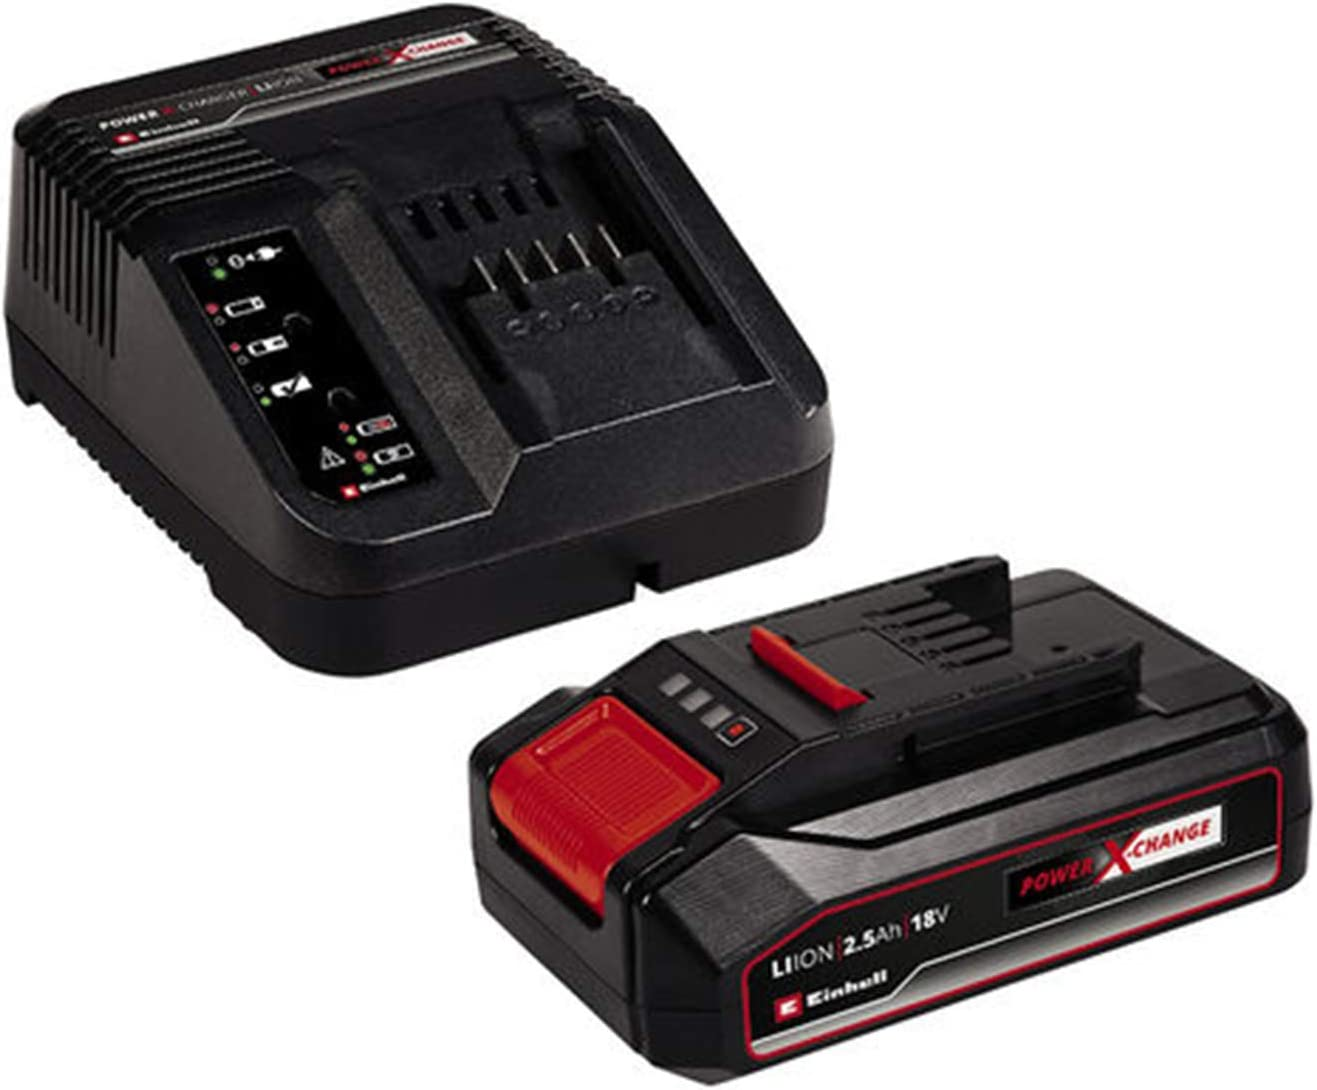 Einhell 4512097 Kit para Principiantes Que Incluye Batería 2,5 Cargador Power X-Change, 2.5 Ah, Duración de carga: 50 m